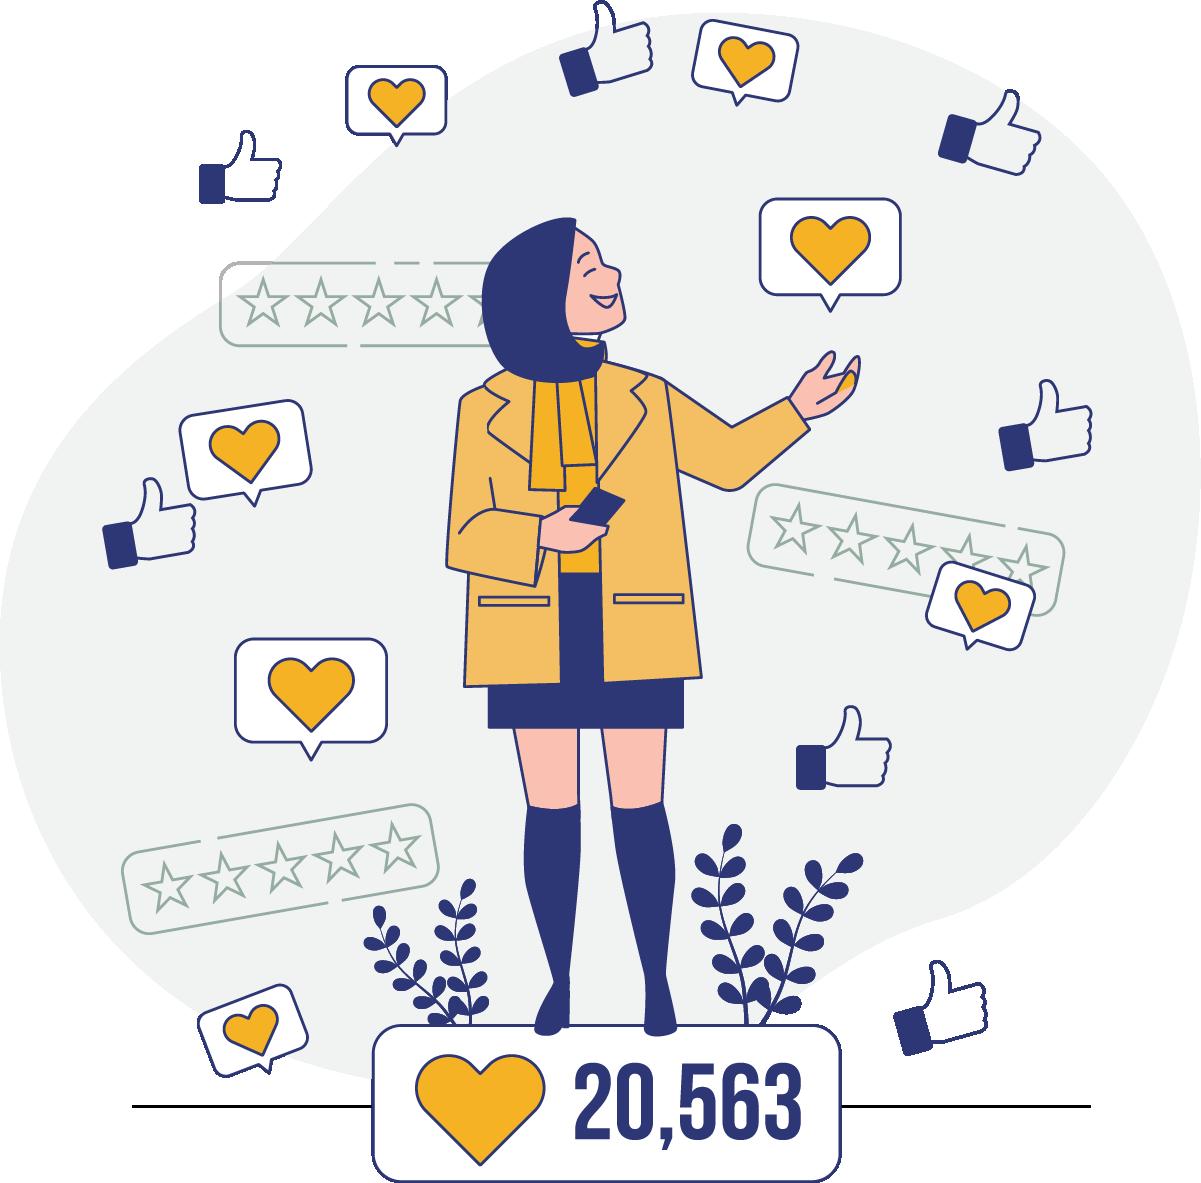 Acompanhe os resultados da sua parceria no instagram